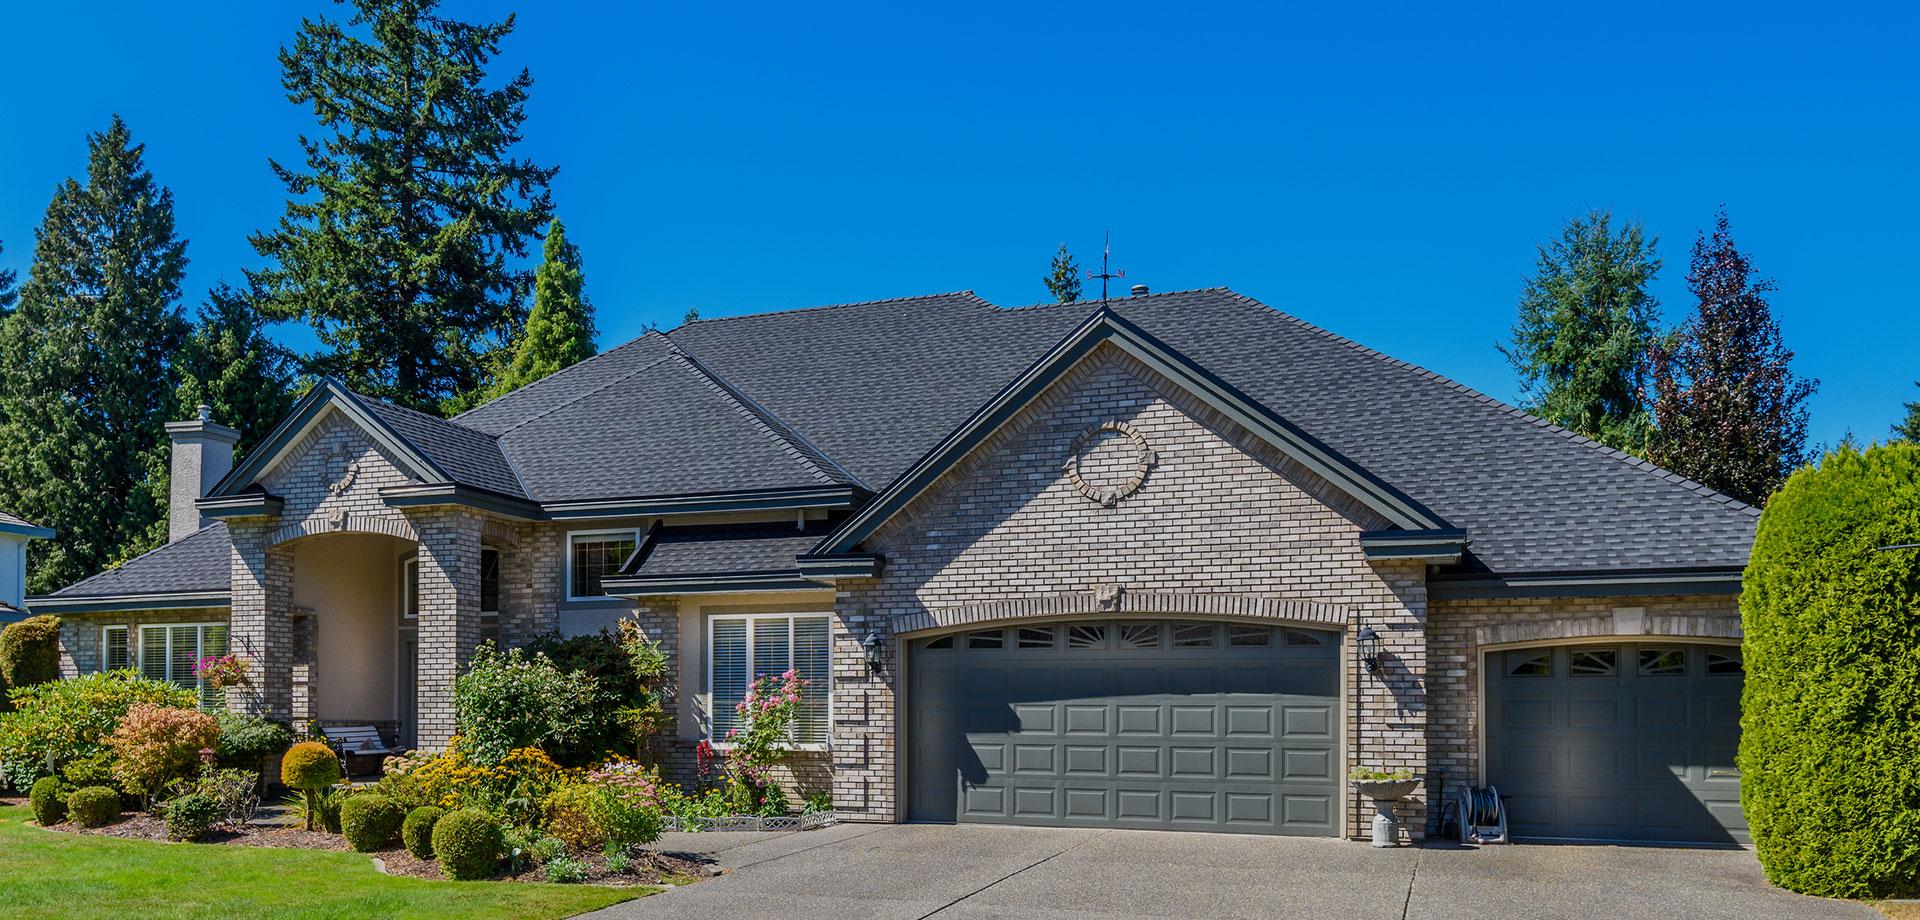 Roofing Contractor Davenport Des Moines Ia Destin Fl